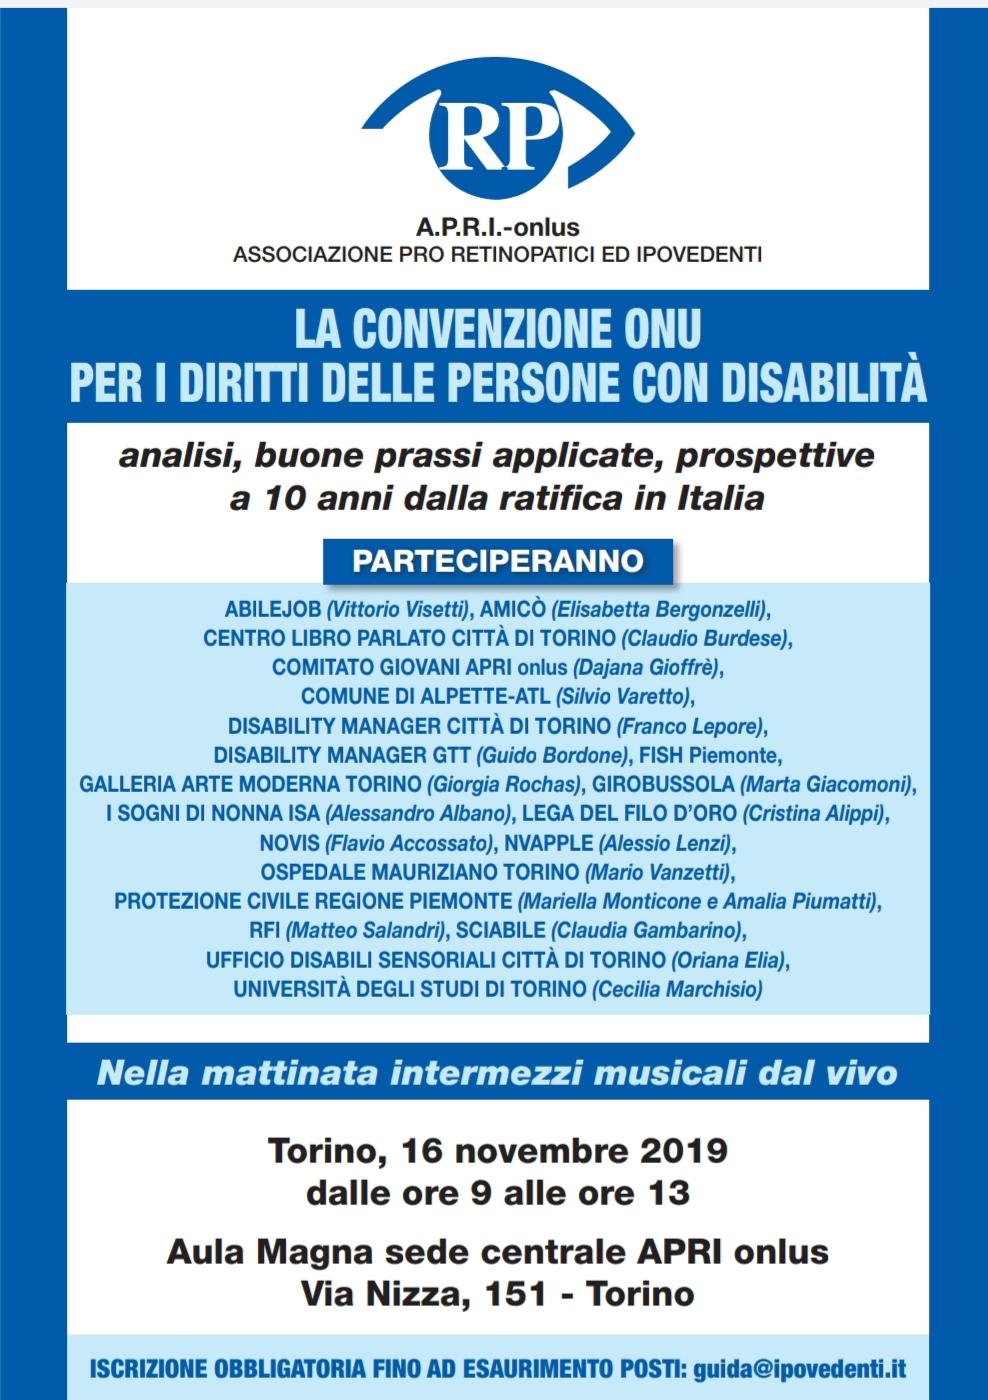 Convenzione ONU: un convegno organizzato da A.P.R.I. Onlus